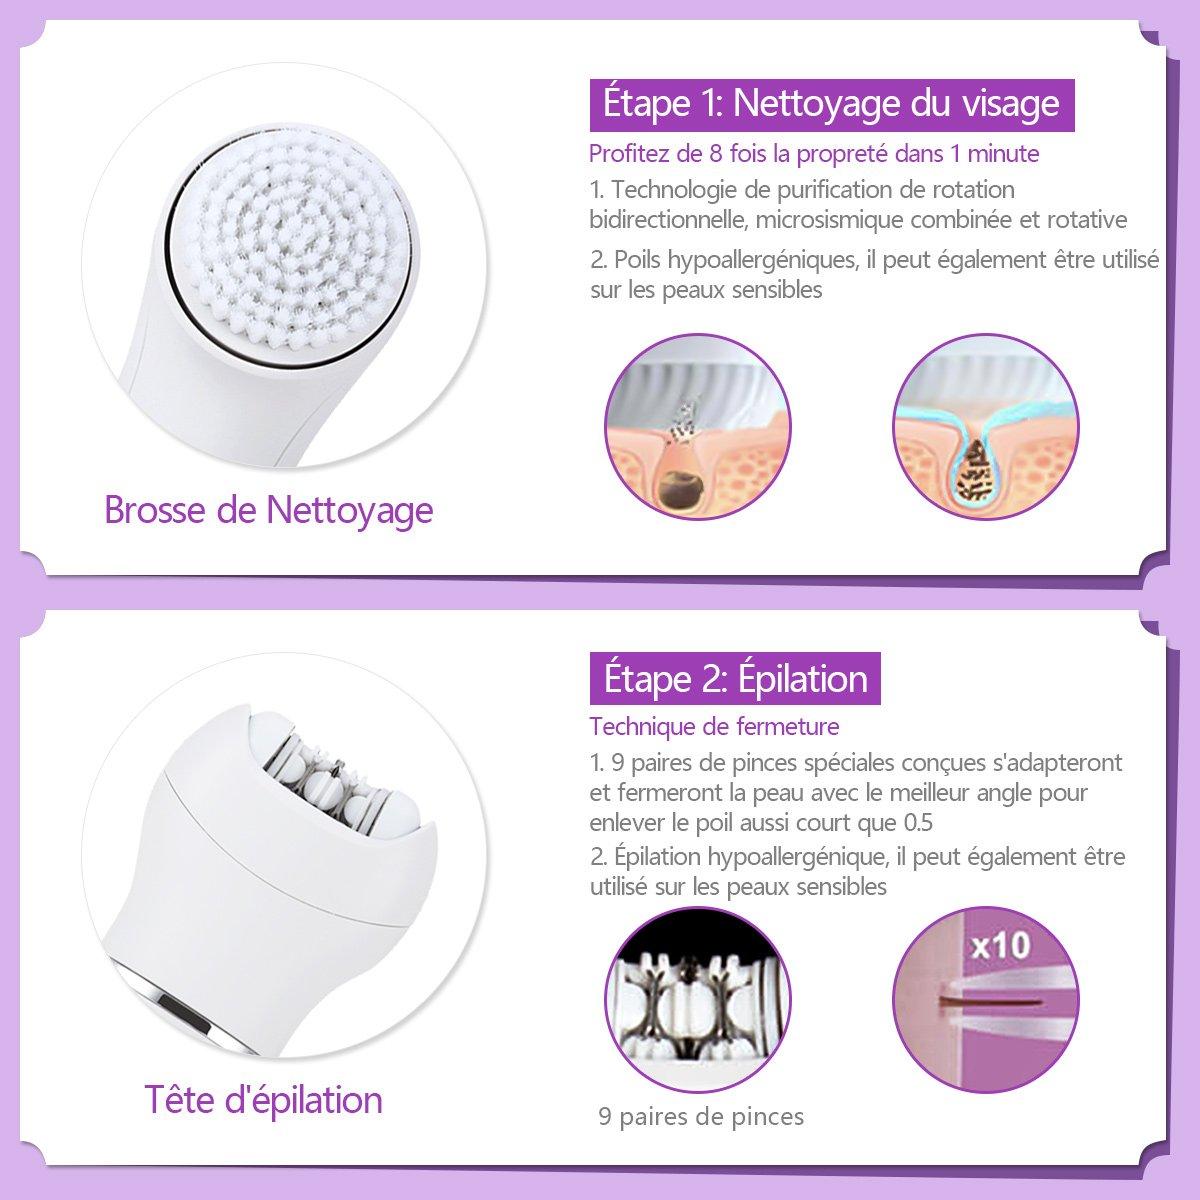 Witasm 5 en 1 Depiladora facial Depiladora eléctrica sin dolor + cepillo de limpieza facial + afeitadora + pedicura + masajeador facial, utilizable bajo el ...